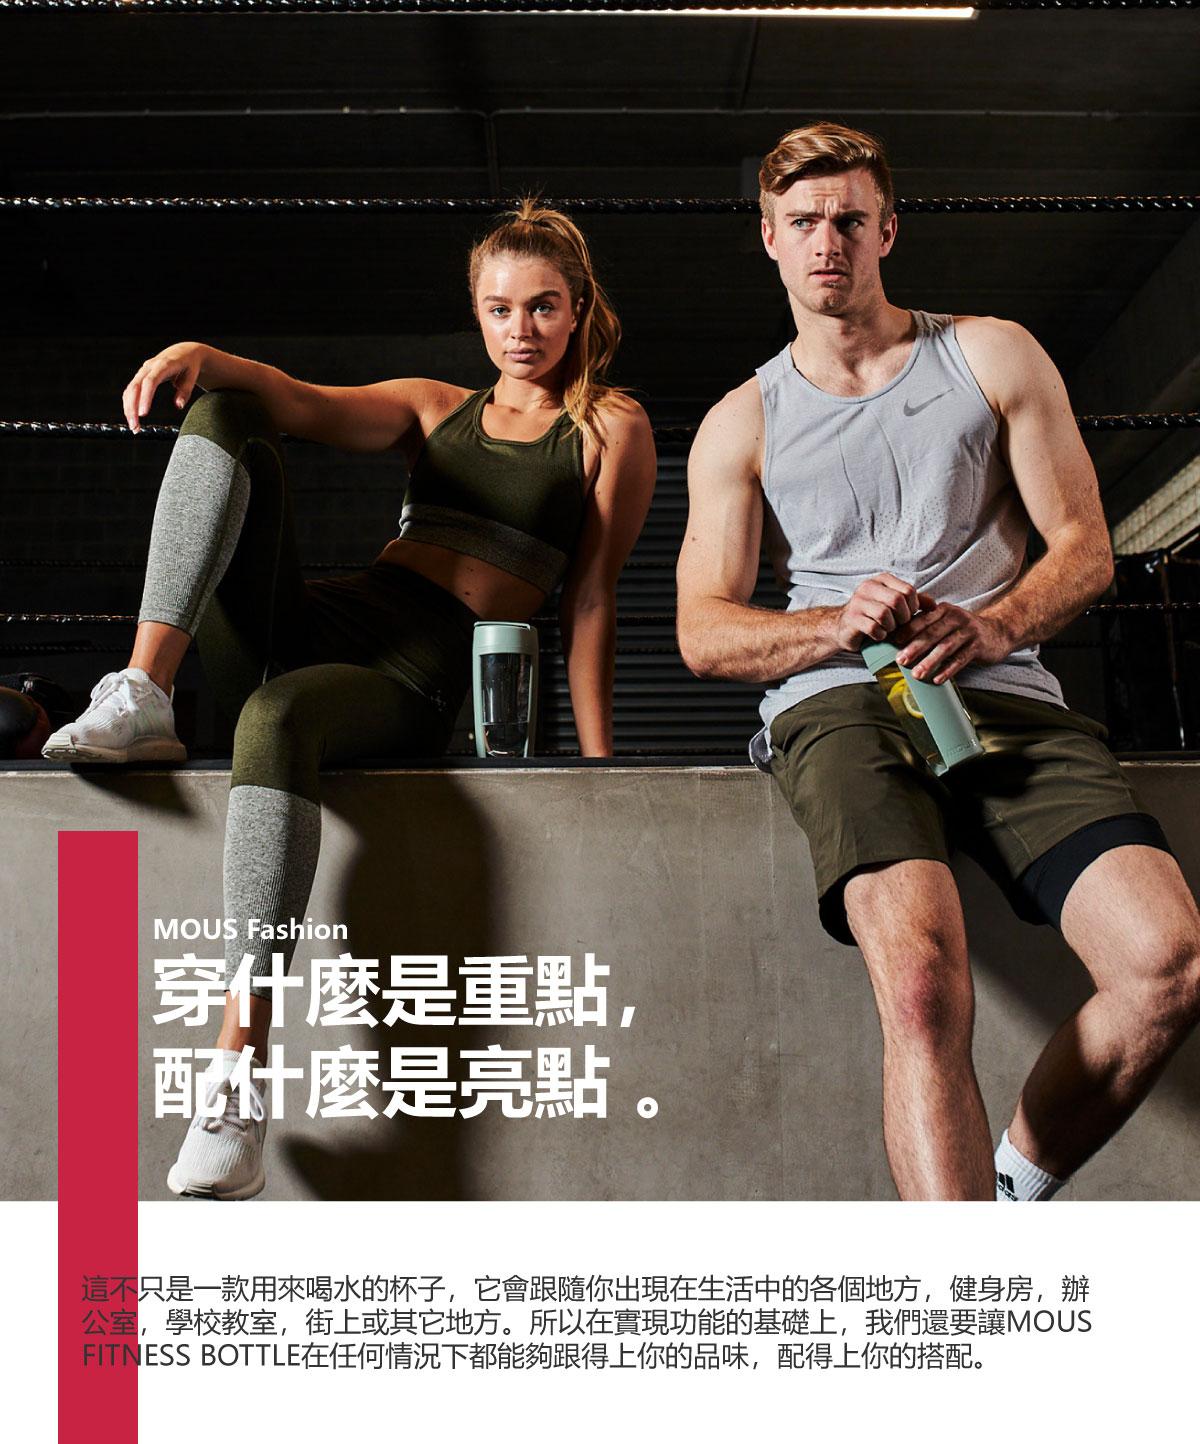 在健身房的格鬥台圍繩邊女人及男人手拿MOUS FITNESS bottle moss運動健身搖搖杯莫蘭迪綠的各部位圖